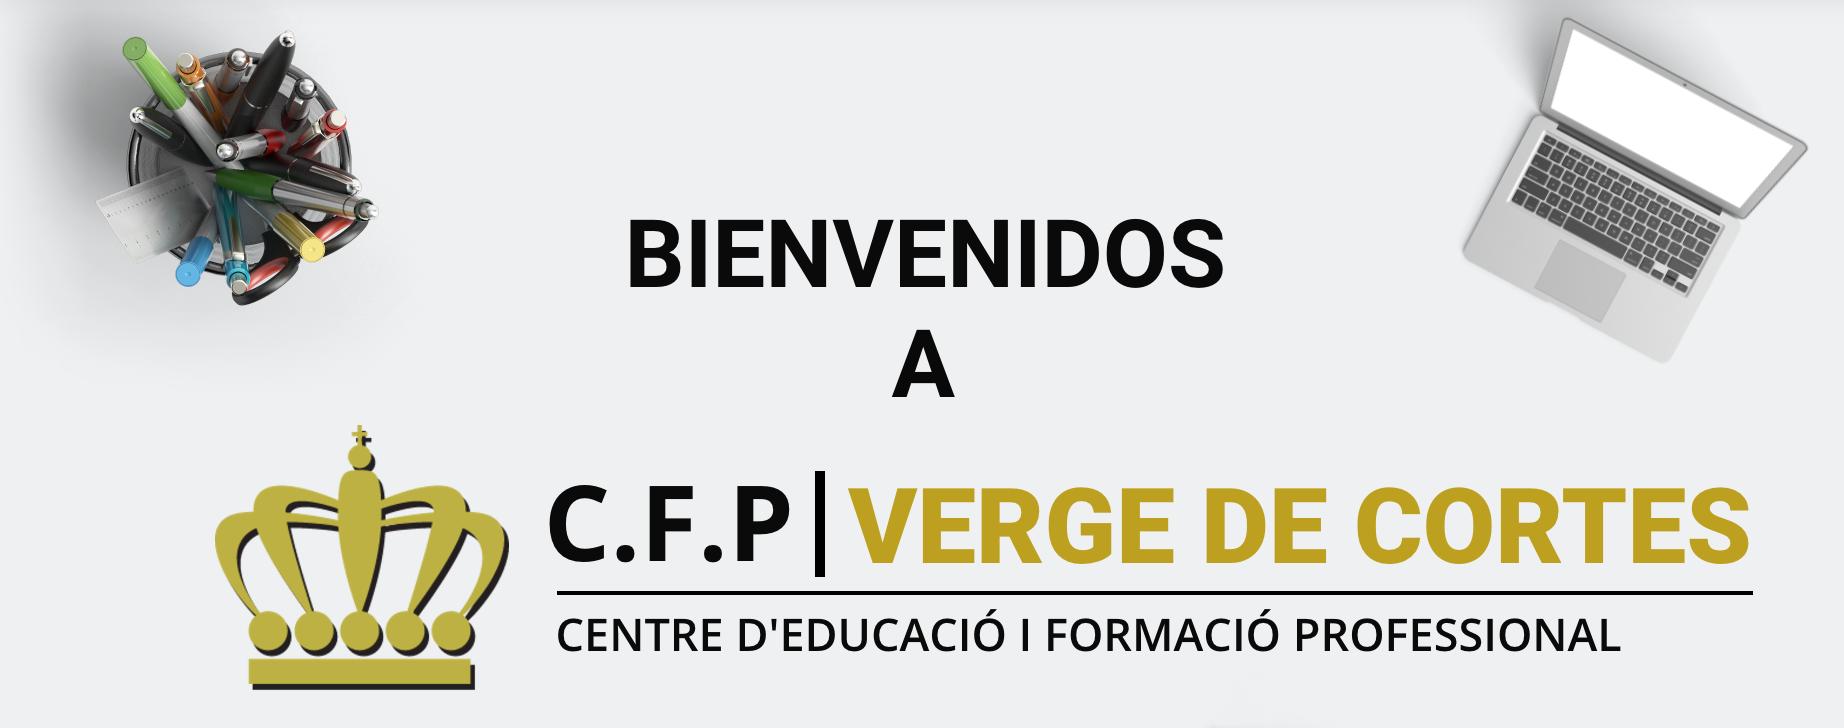 Bienvenidos a C.F.P Verge de Cortes